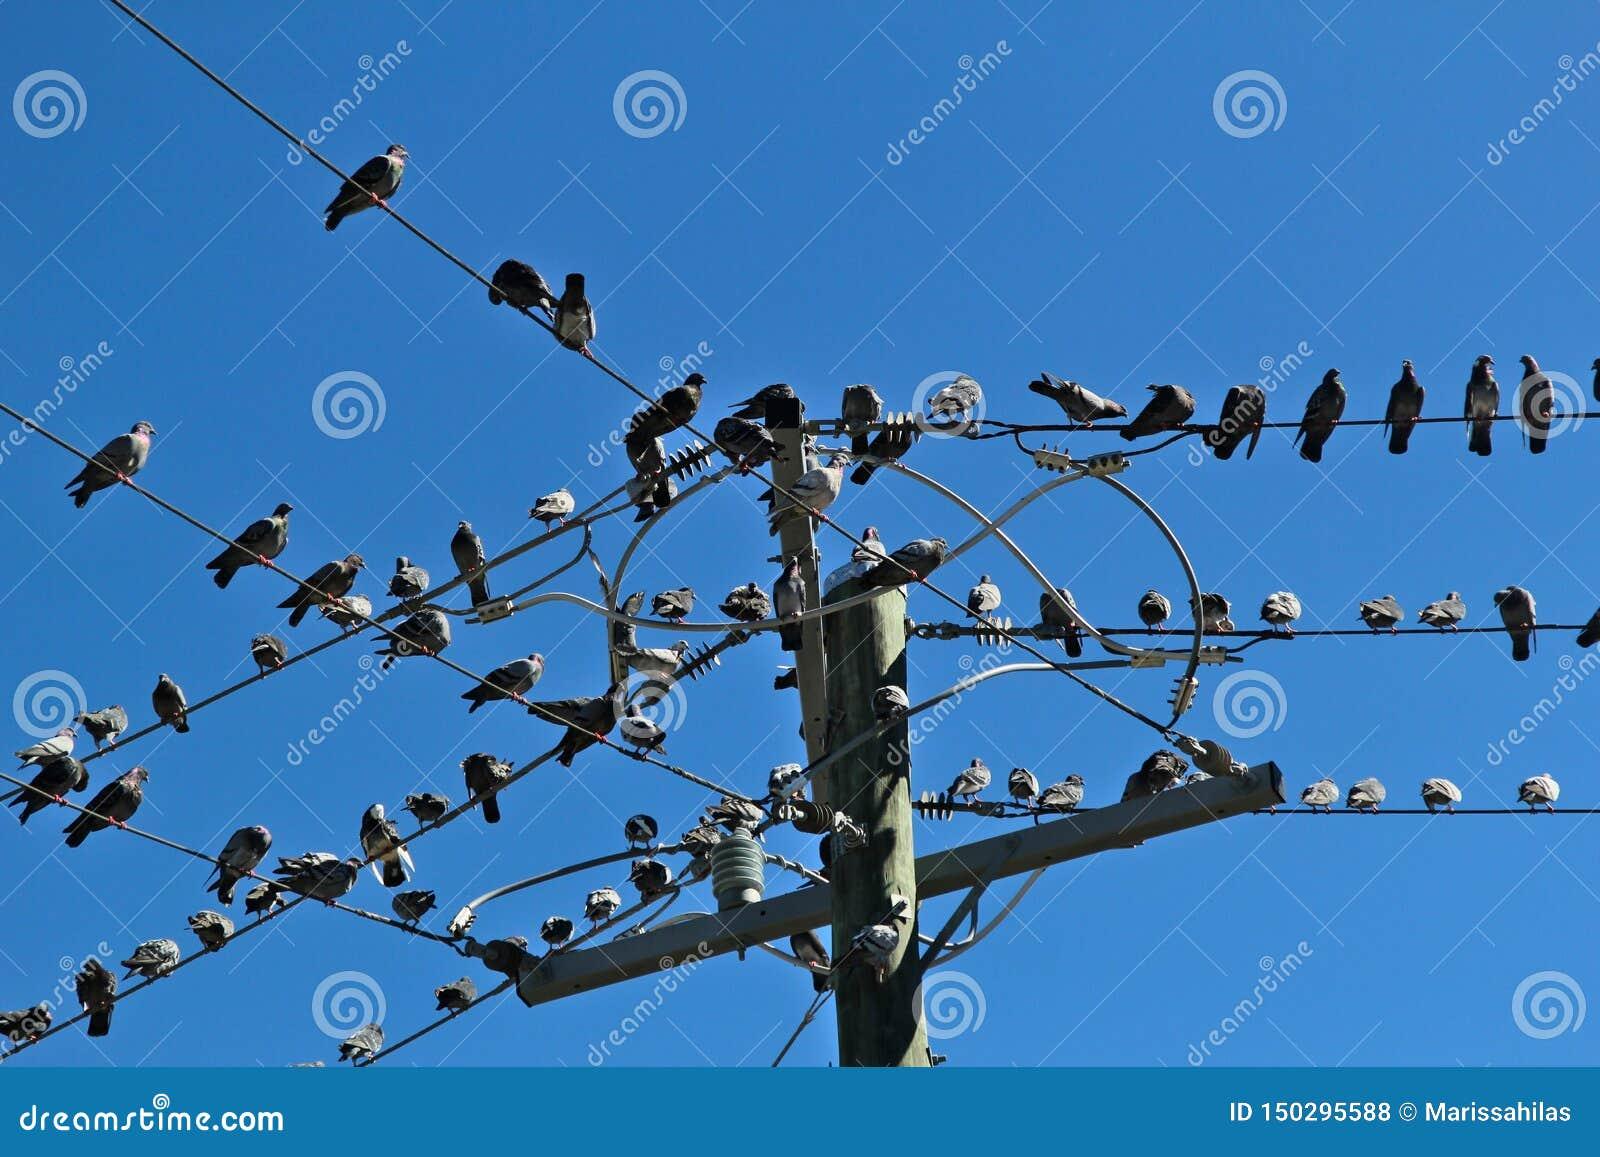 Много голубей сидели на некоторые провода